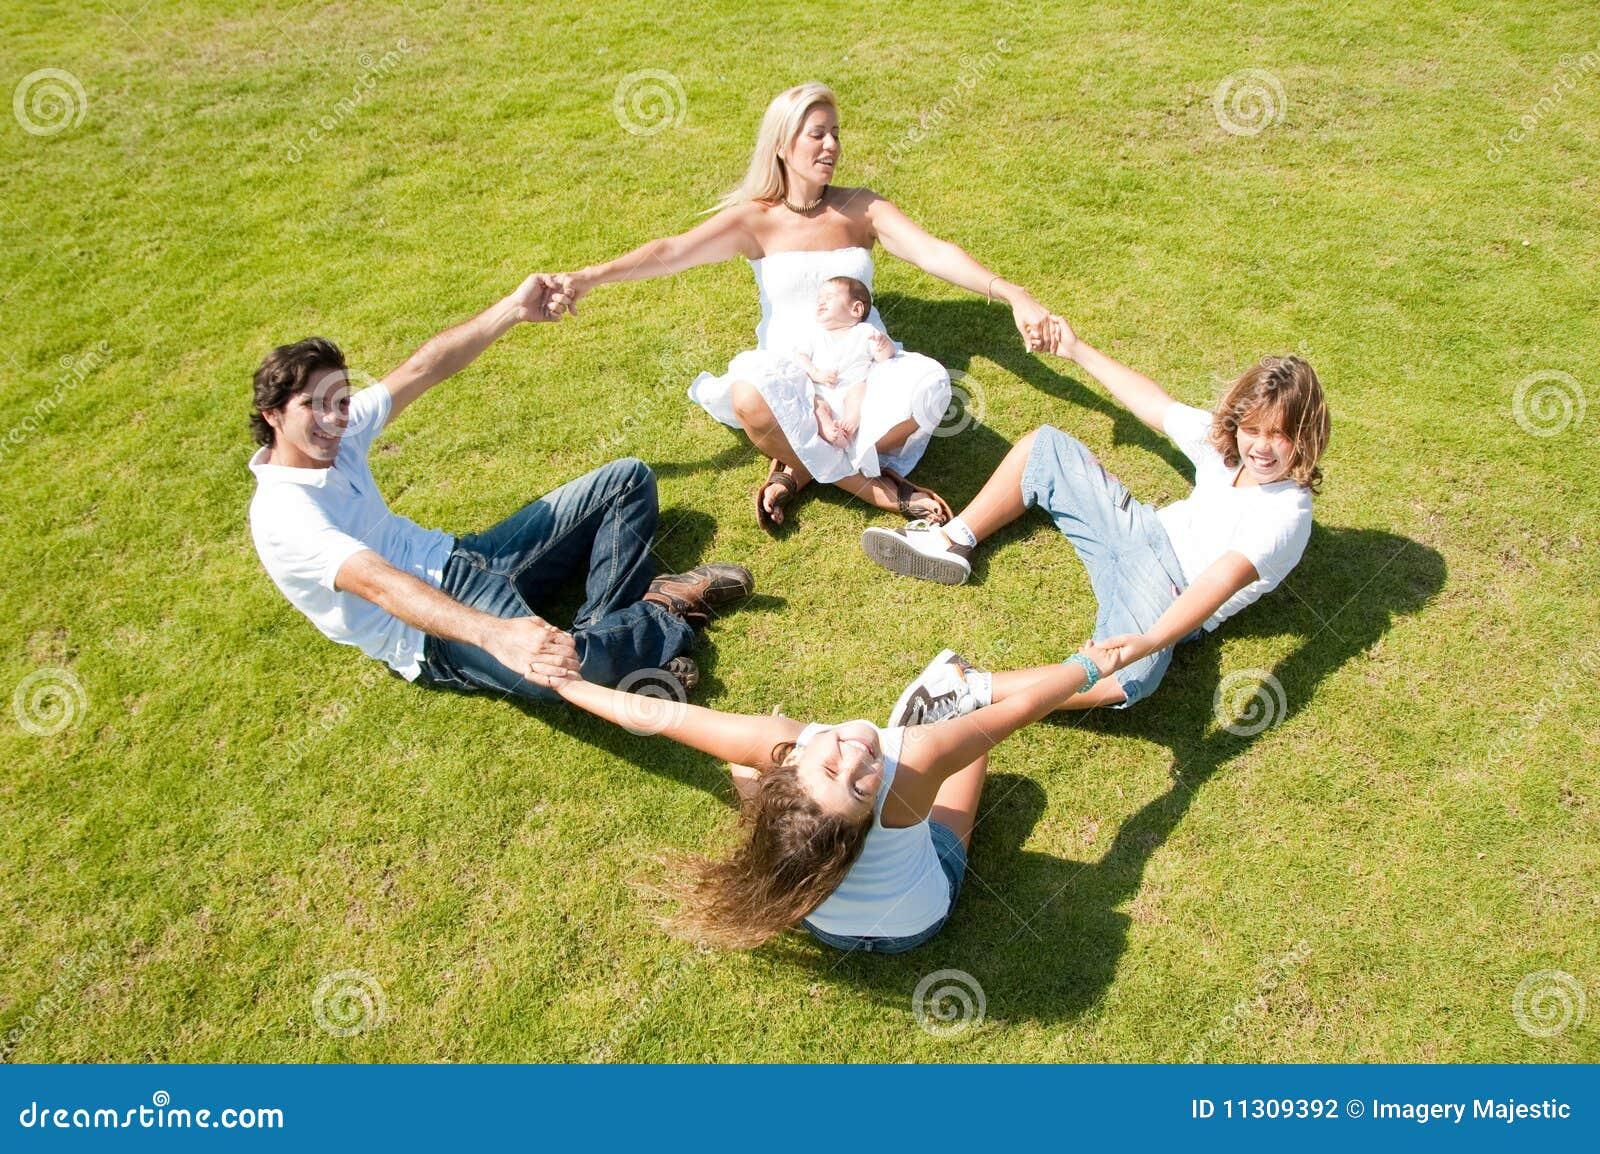 Spielerische Familie auf Gras